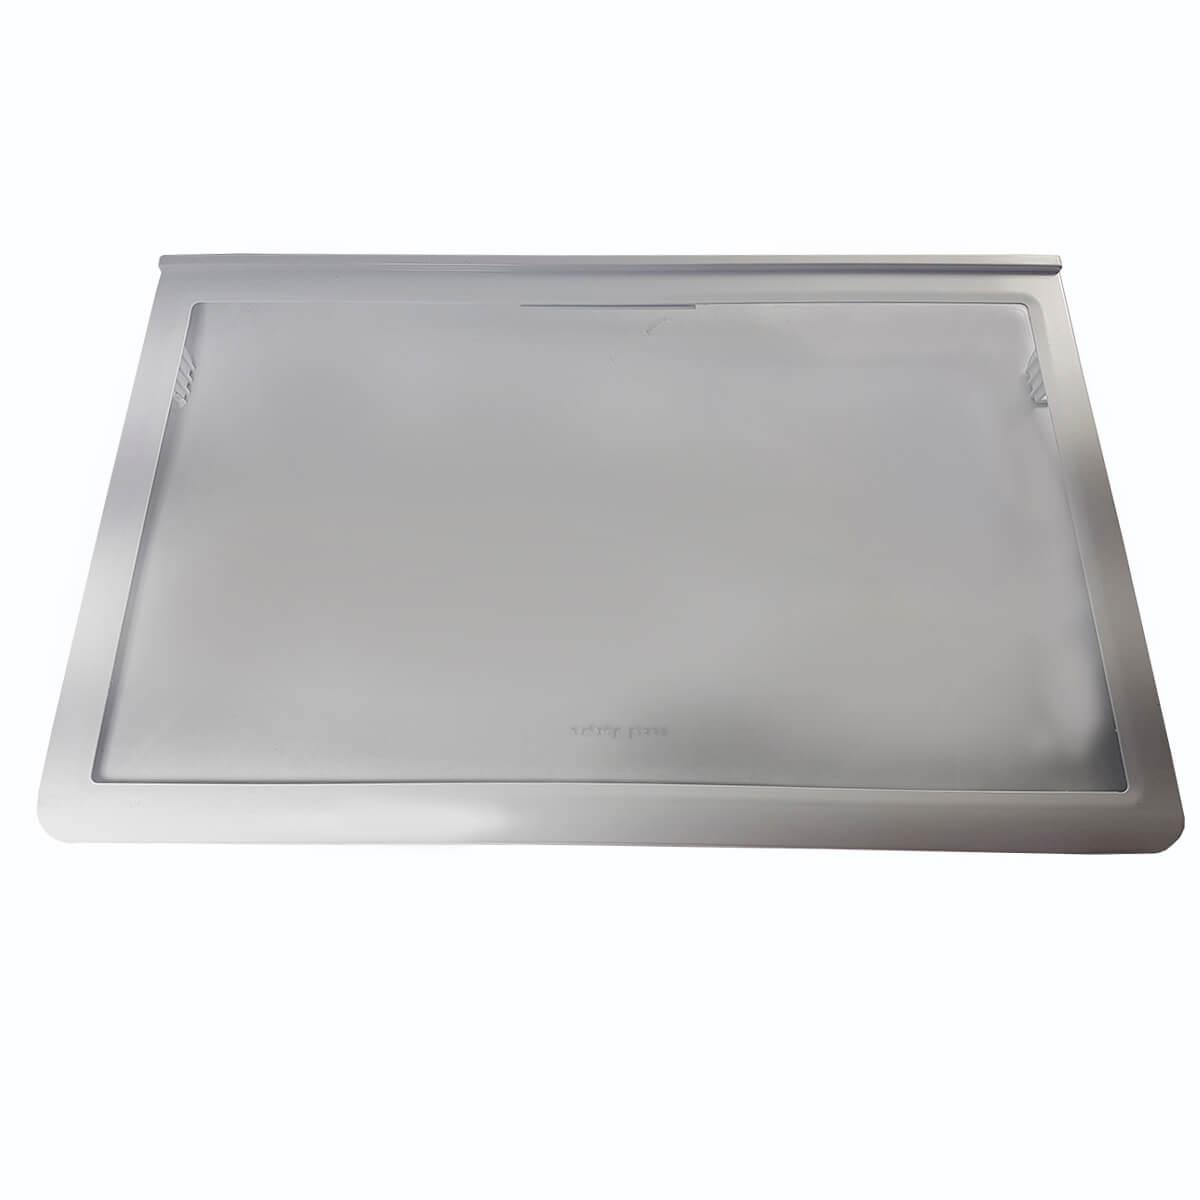 Prateleira De Vidro Para Refrigerador Frost Free Electrolux - 70201161